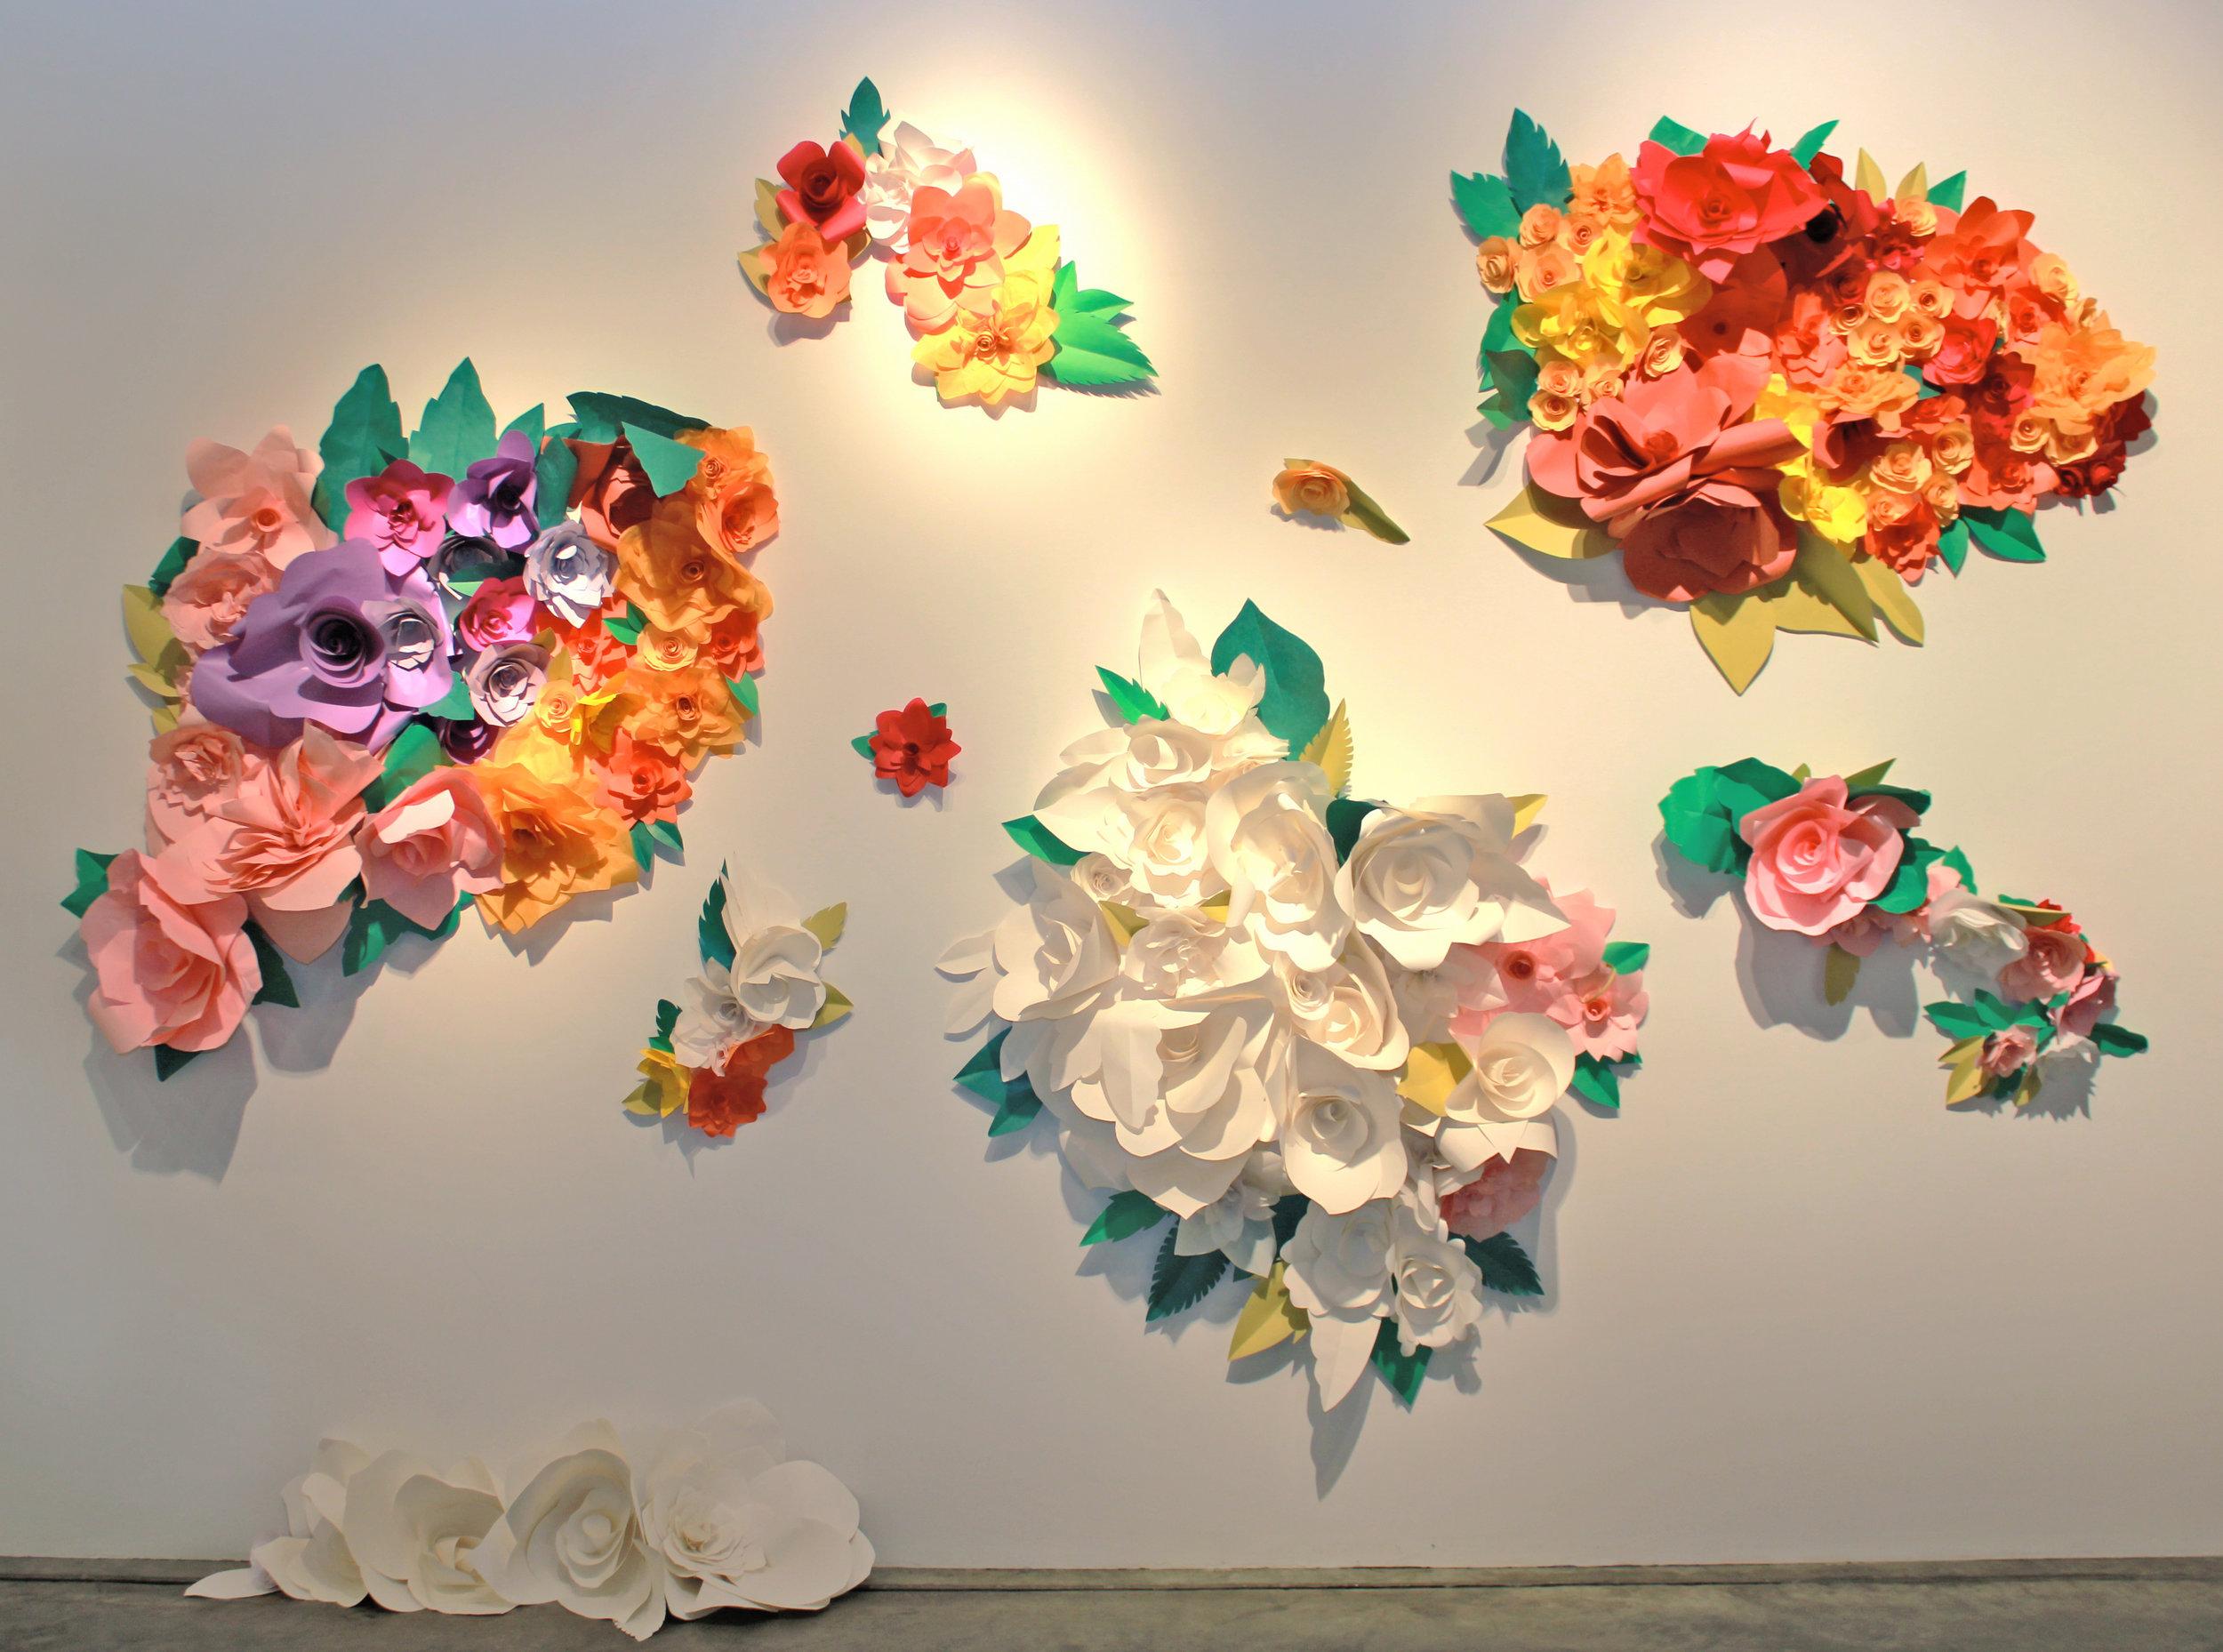 Marisa-Green-Rose-Garden.jpg